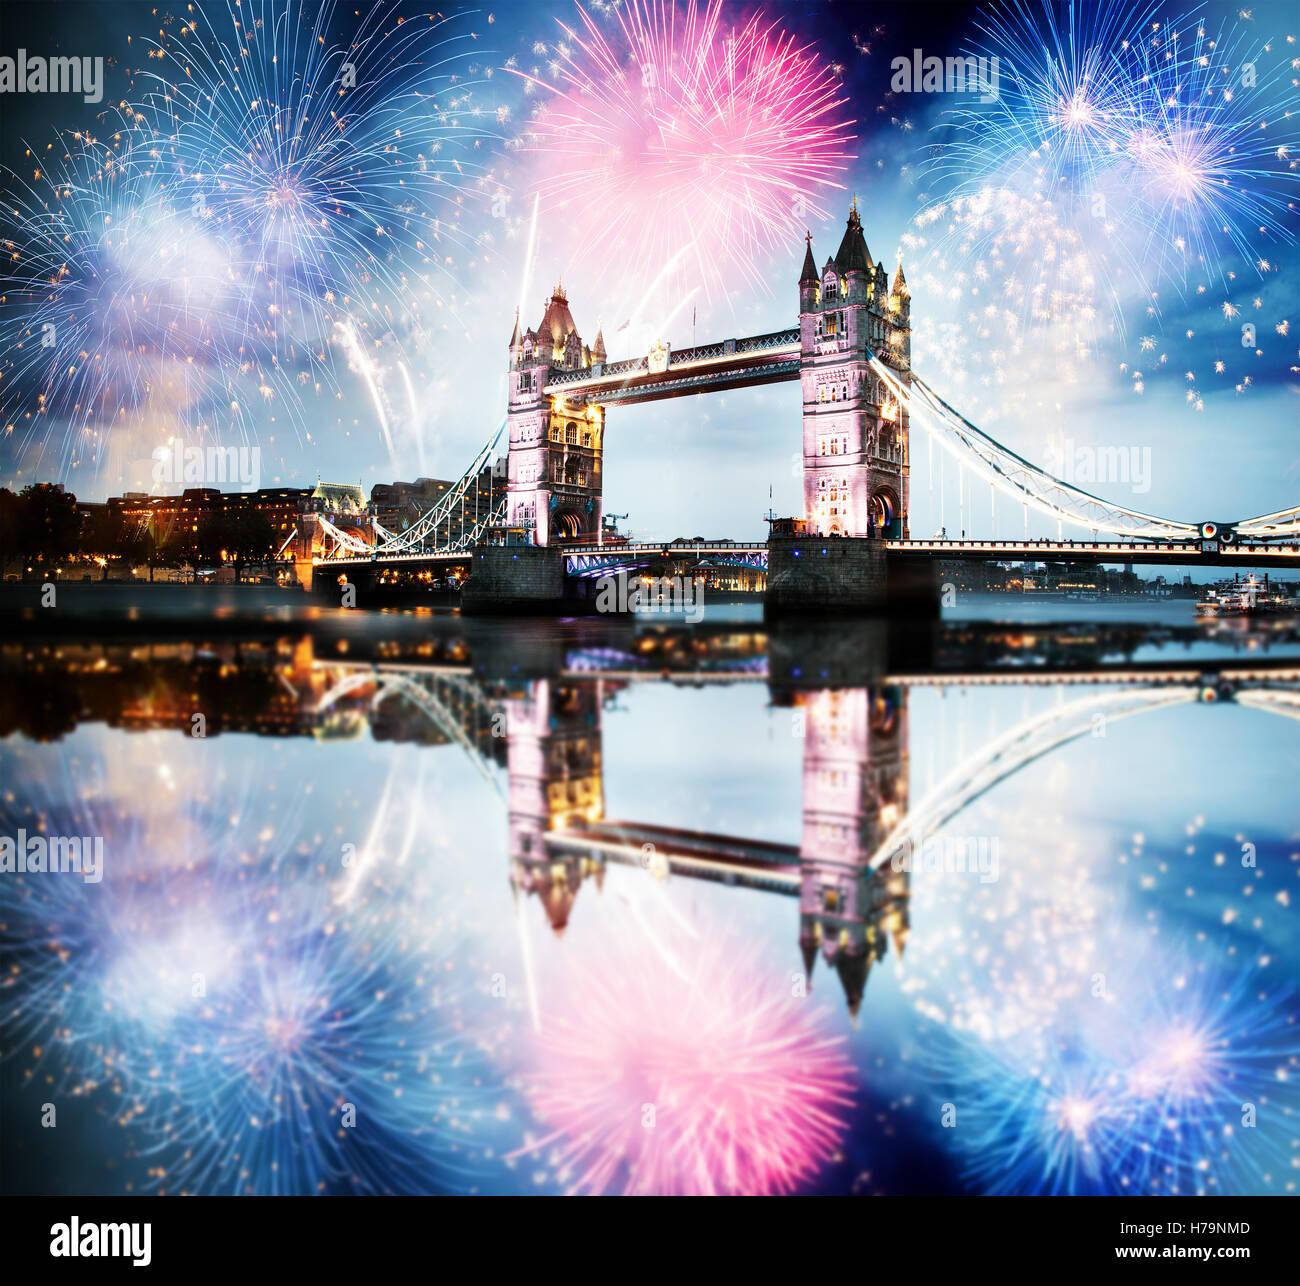 london 2017 fireworks stockfotos london 2017 fireworks. Black Bedroom Furniture Sets. Home Design Ideas